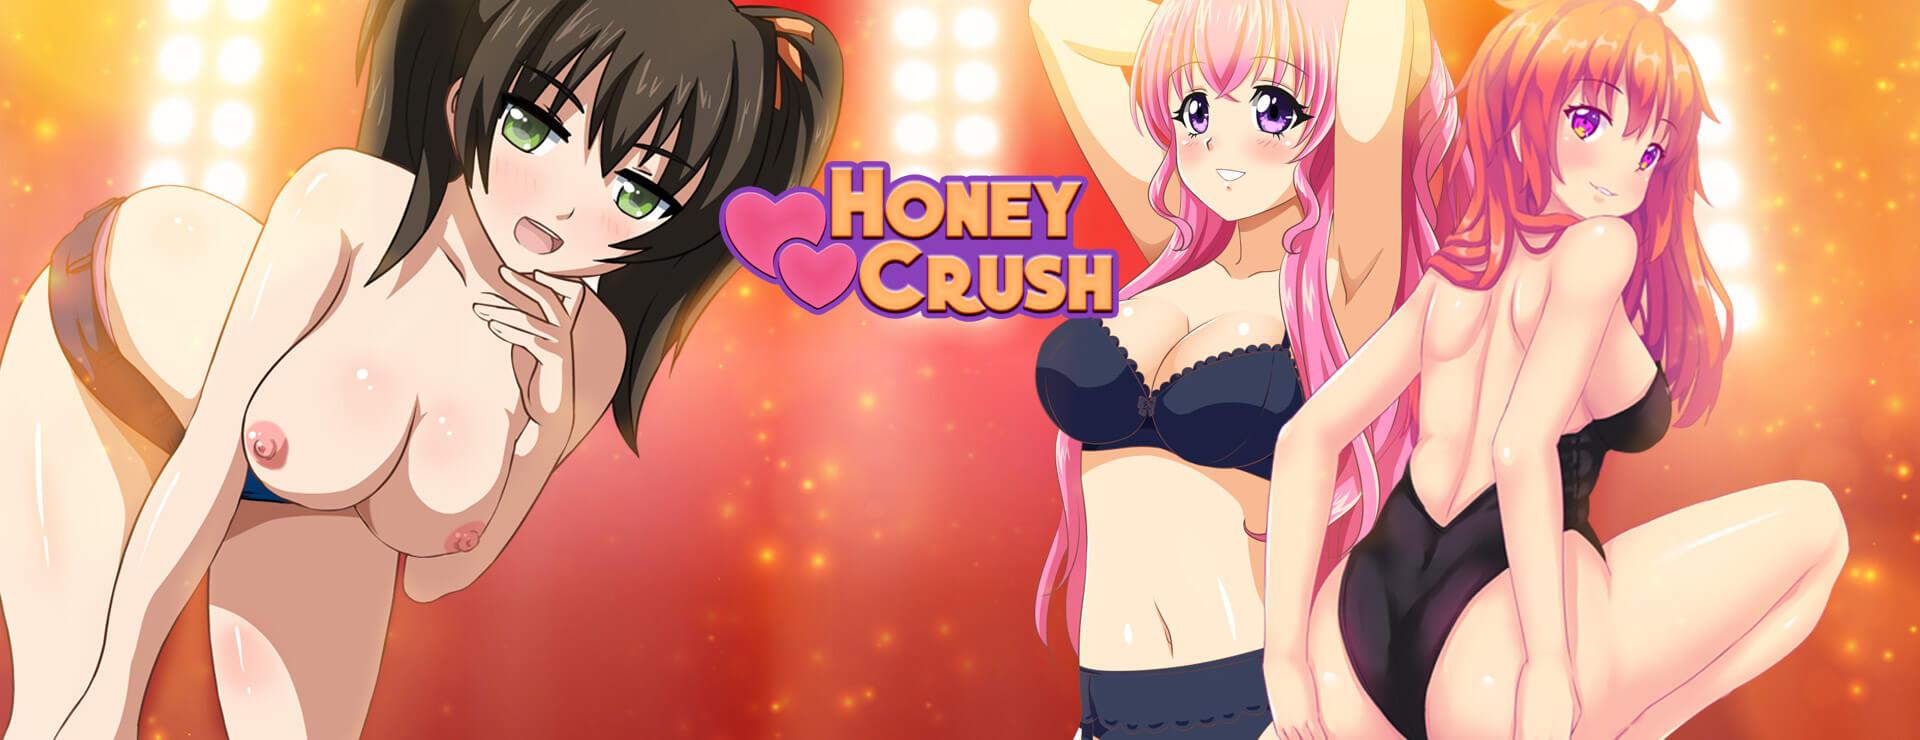 Honey Crush - Casual Game